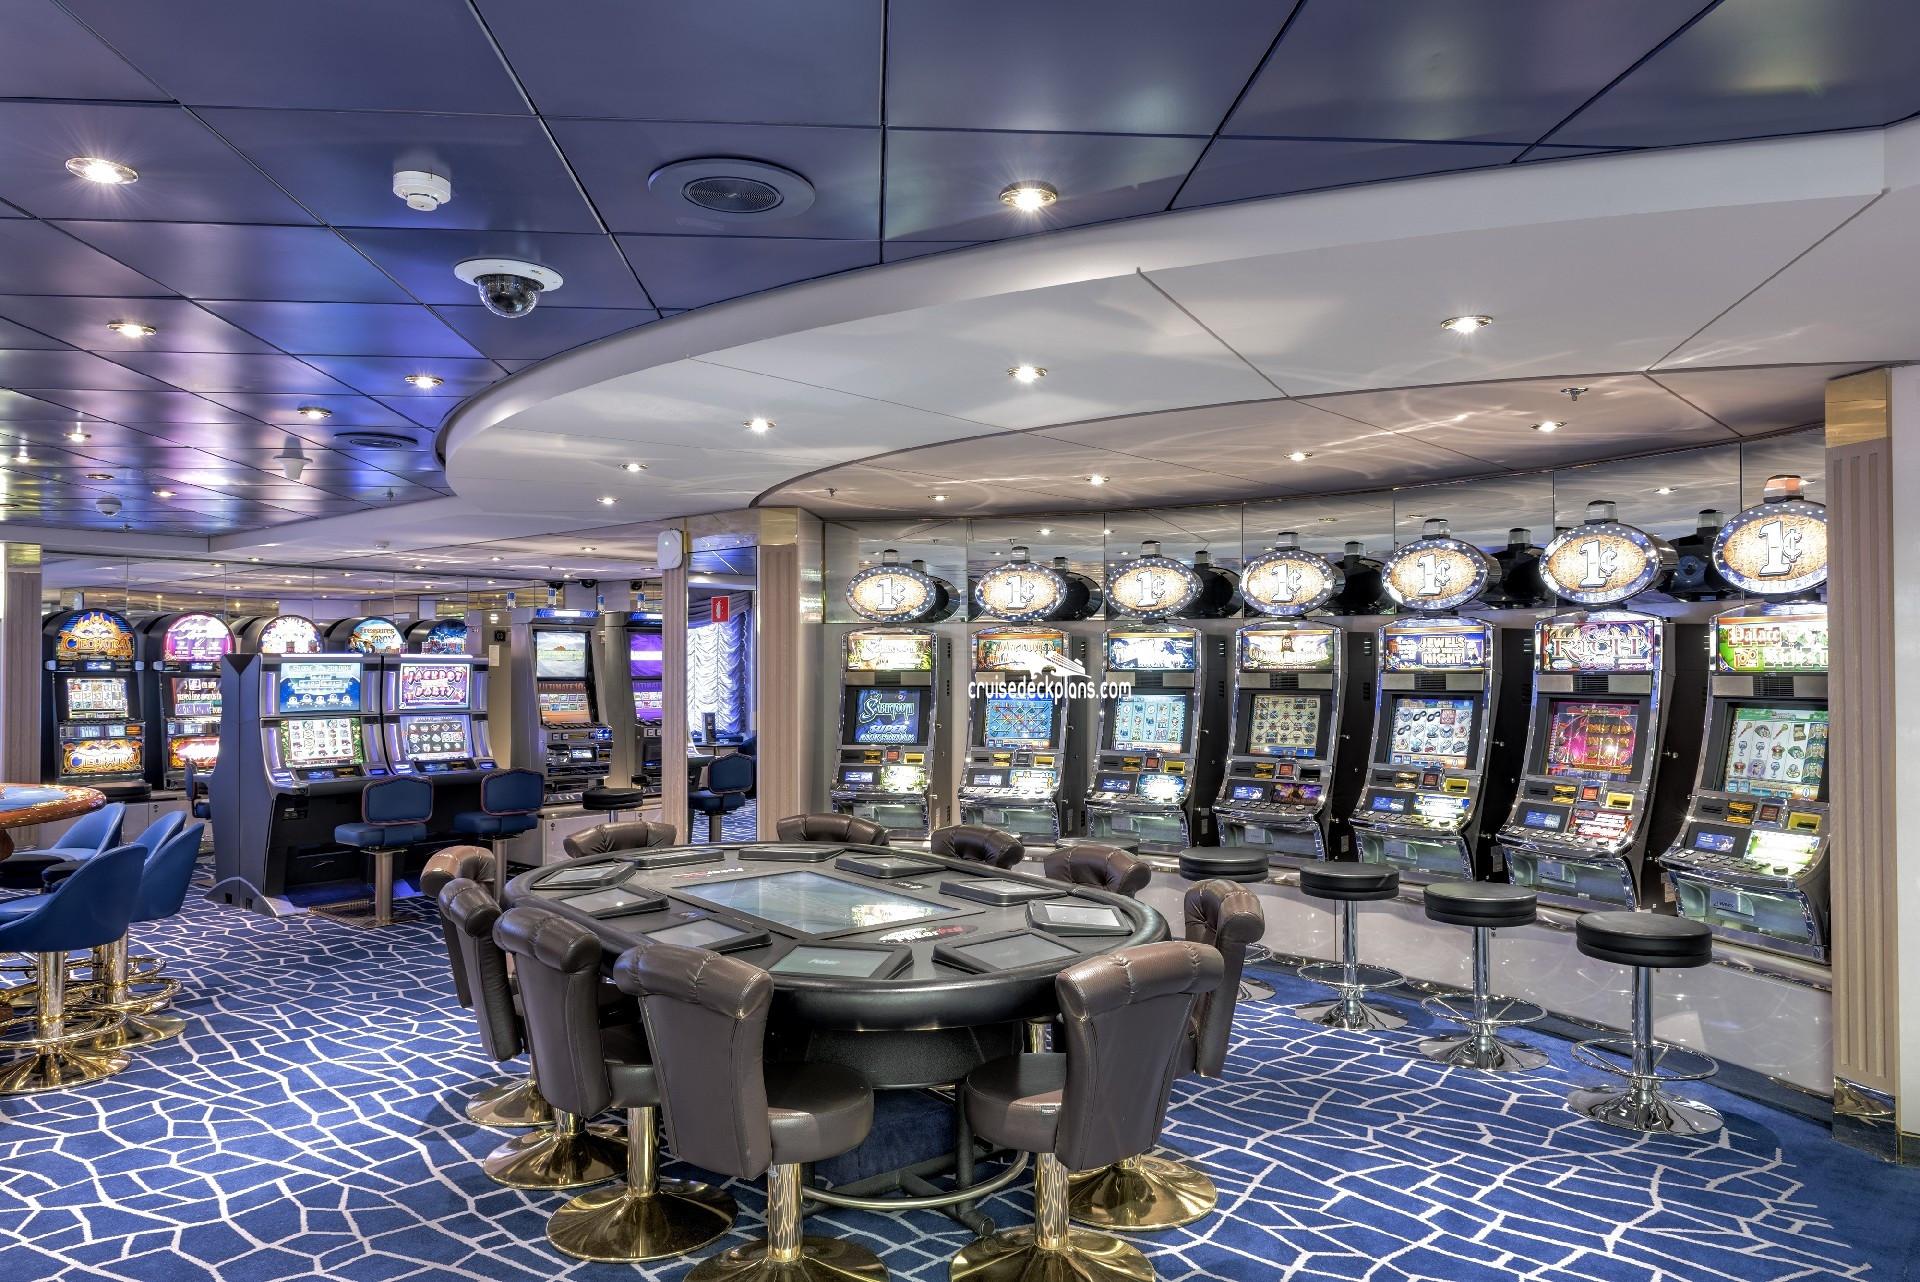 Casino machine emulator